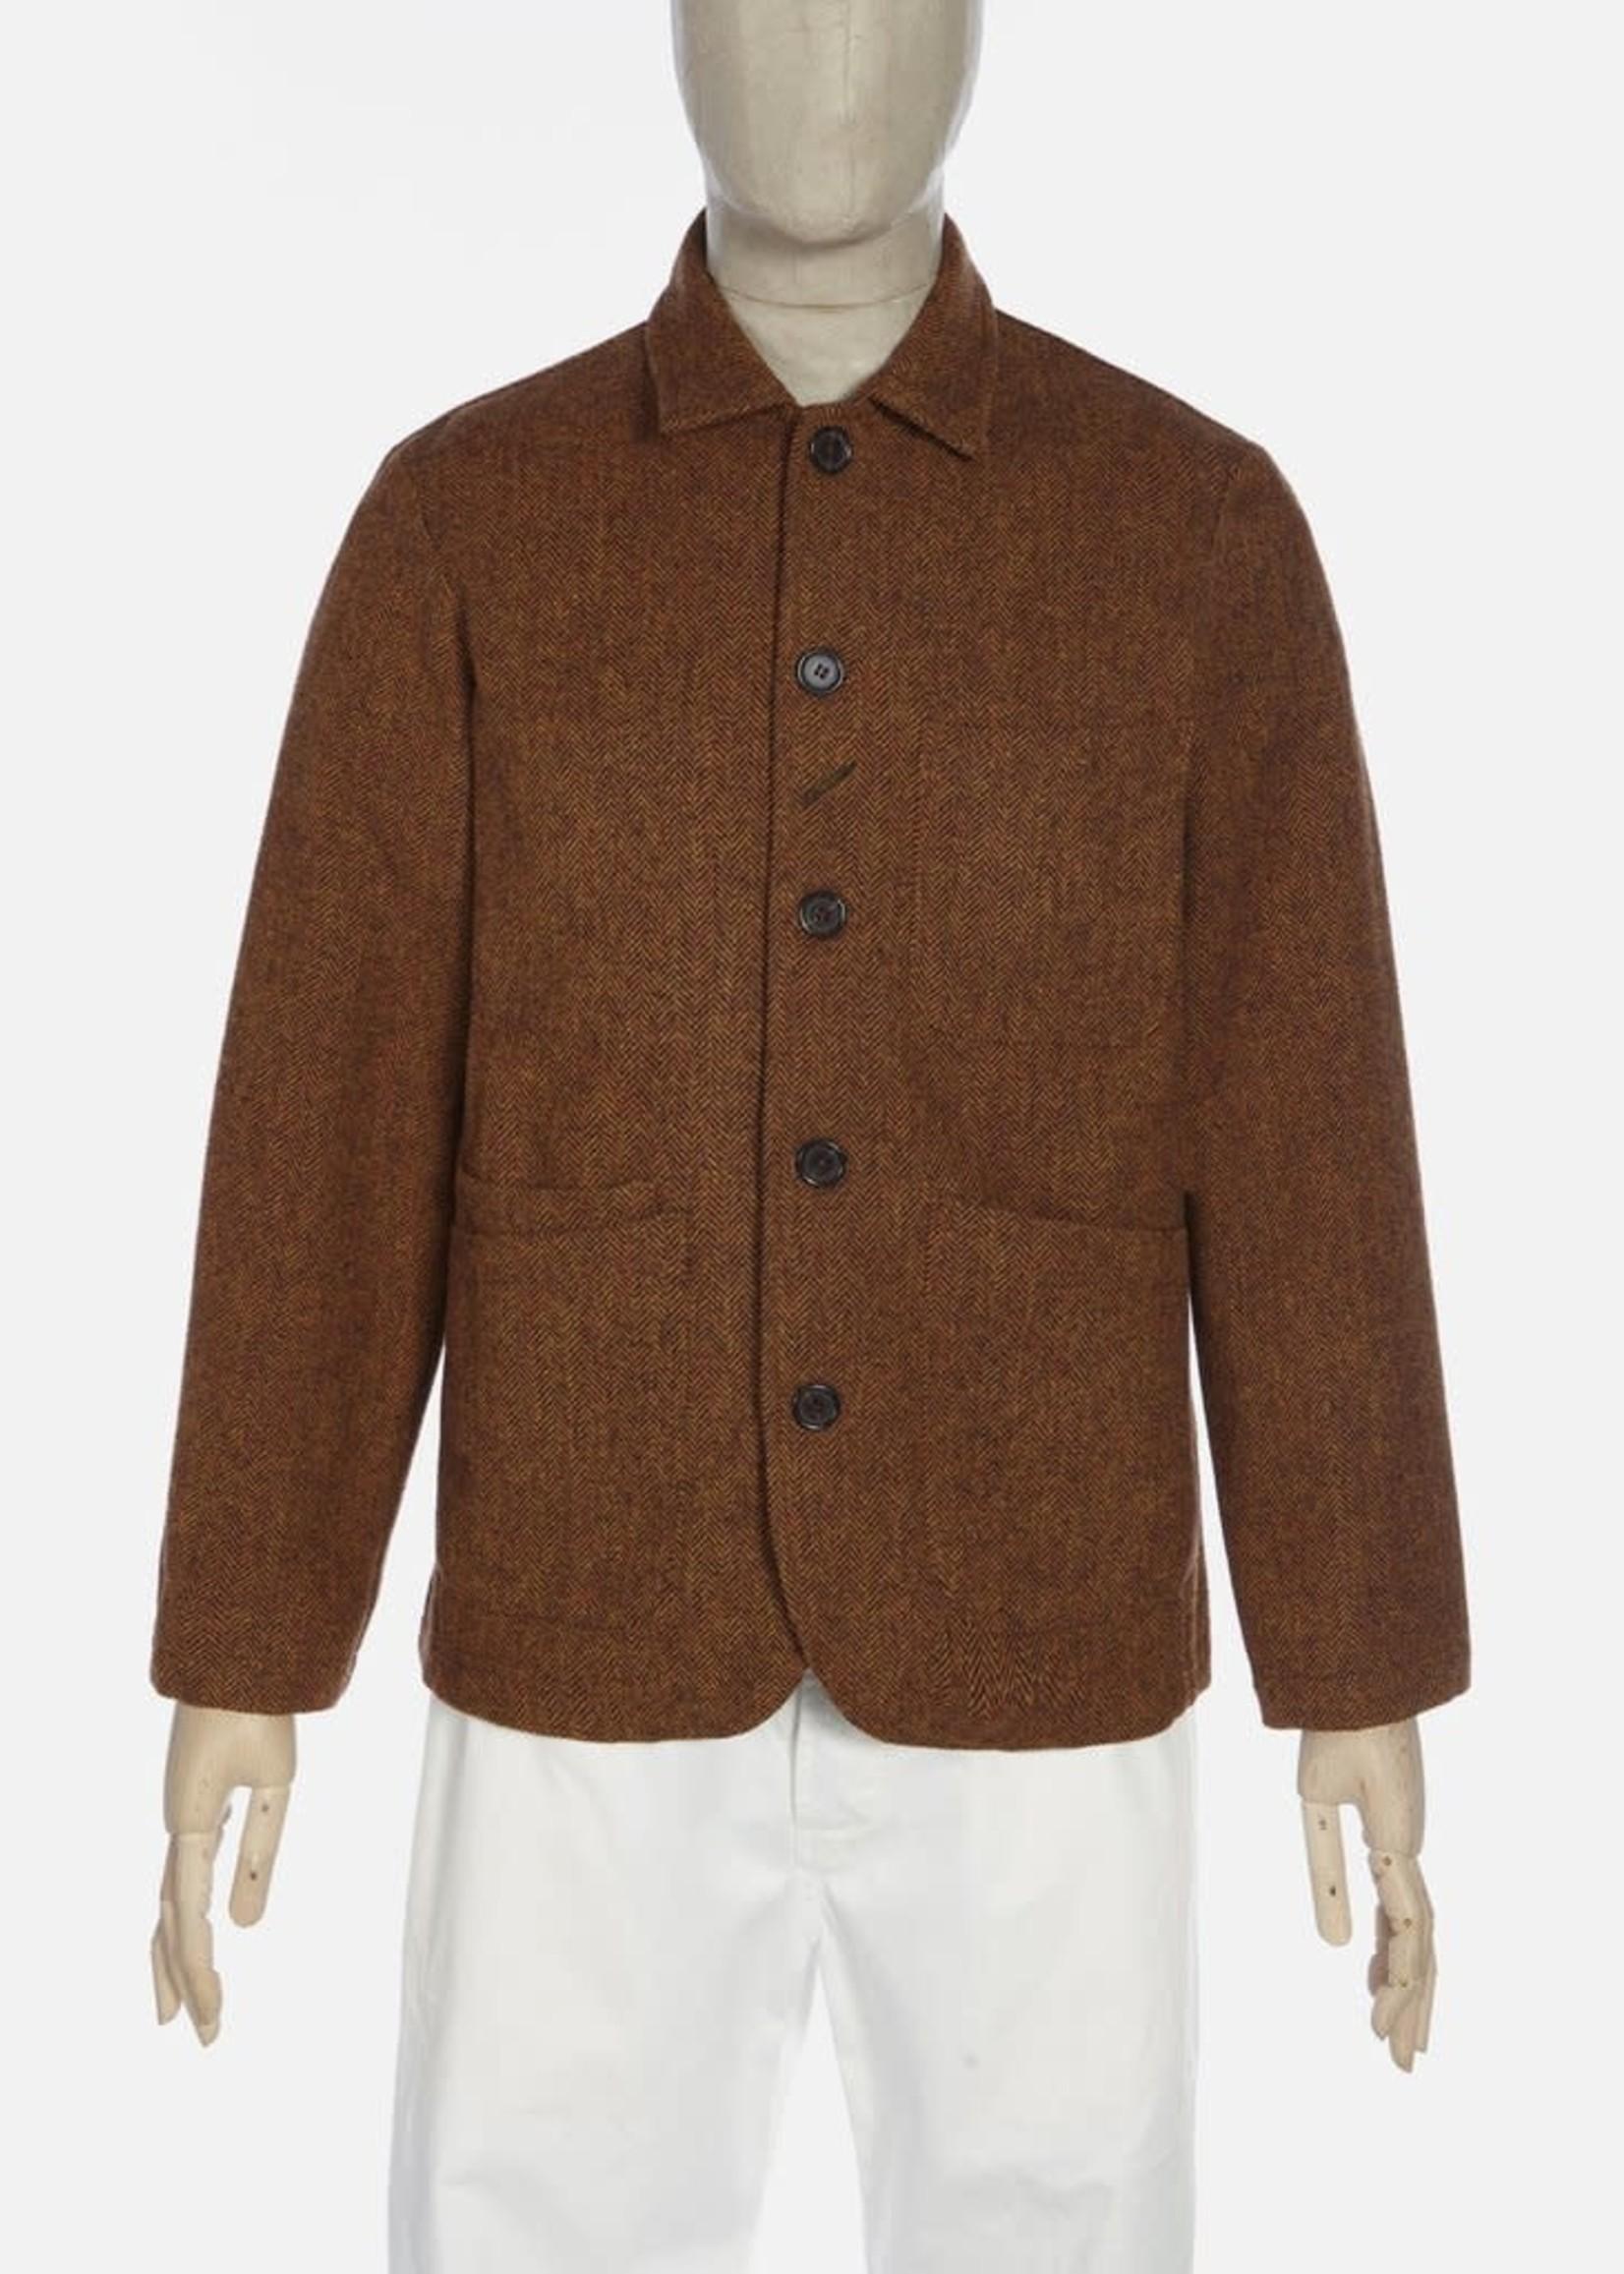 Universal Works Universal Works Bakers Jacket Orange Wool Herringbone